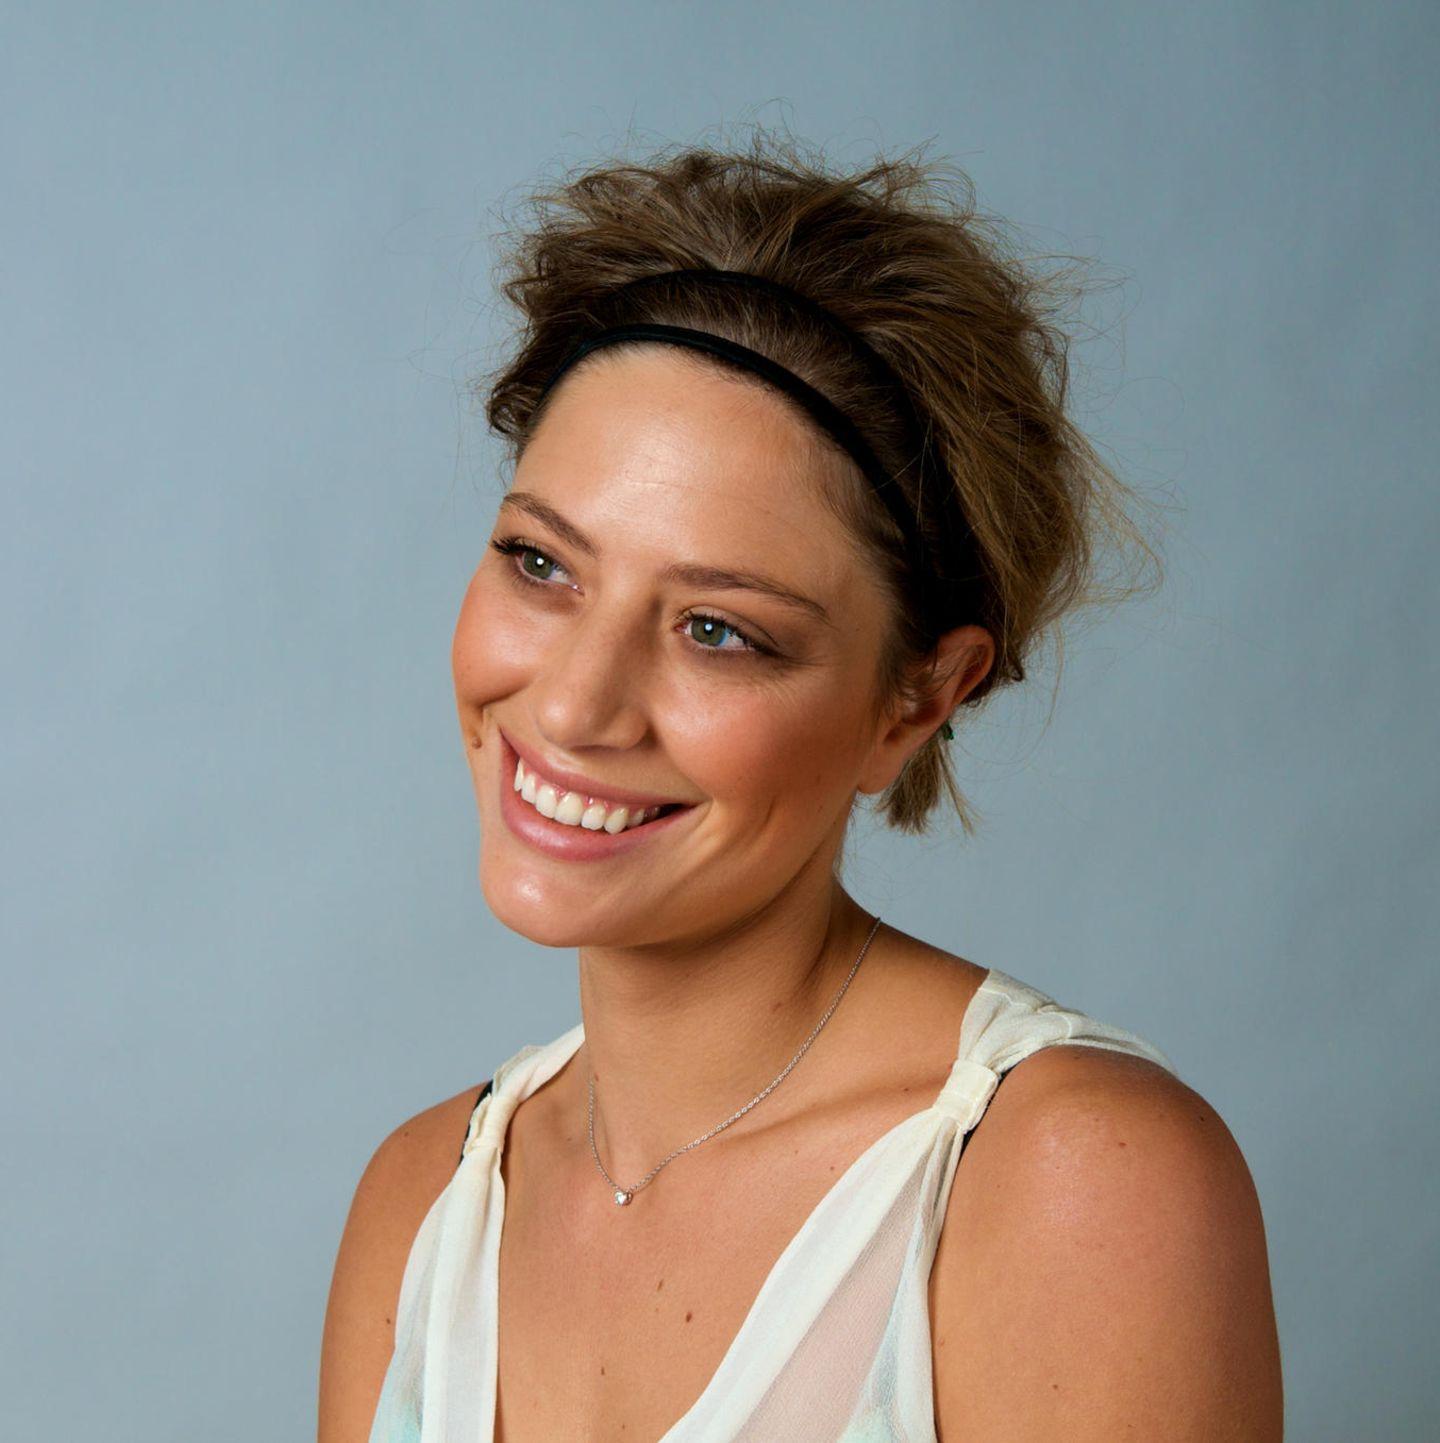 Frisuren: Hochsteckfrisuren für kurze Haare  BRIGITTE.de